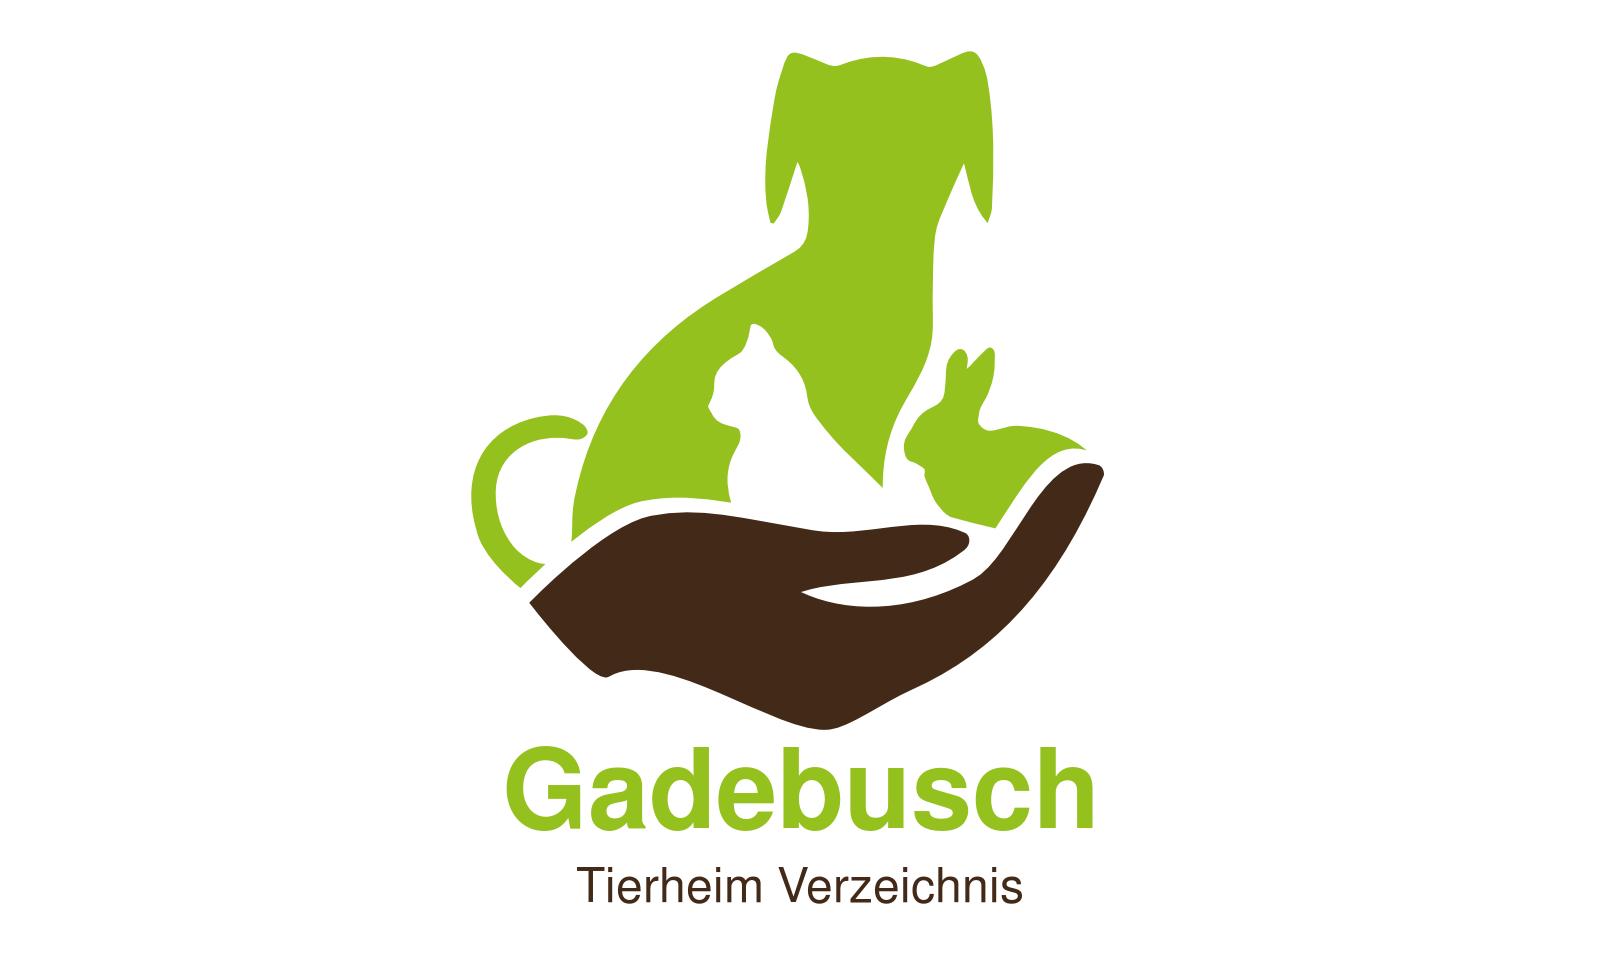 Tierheim Gadebusch